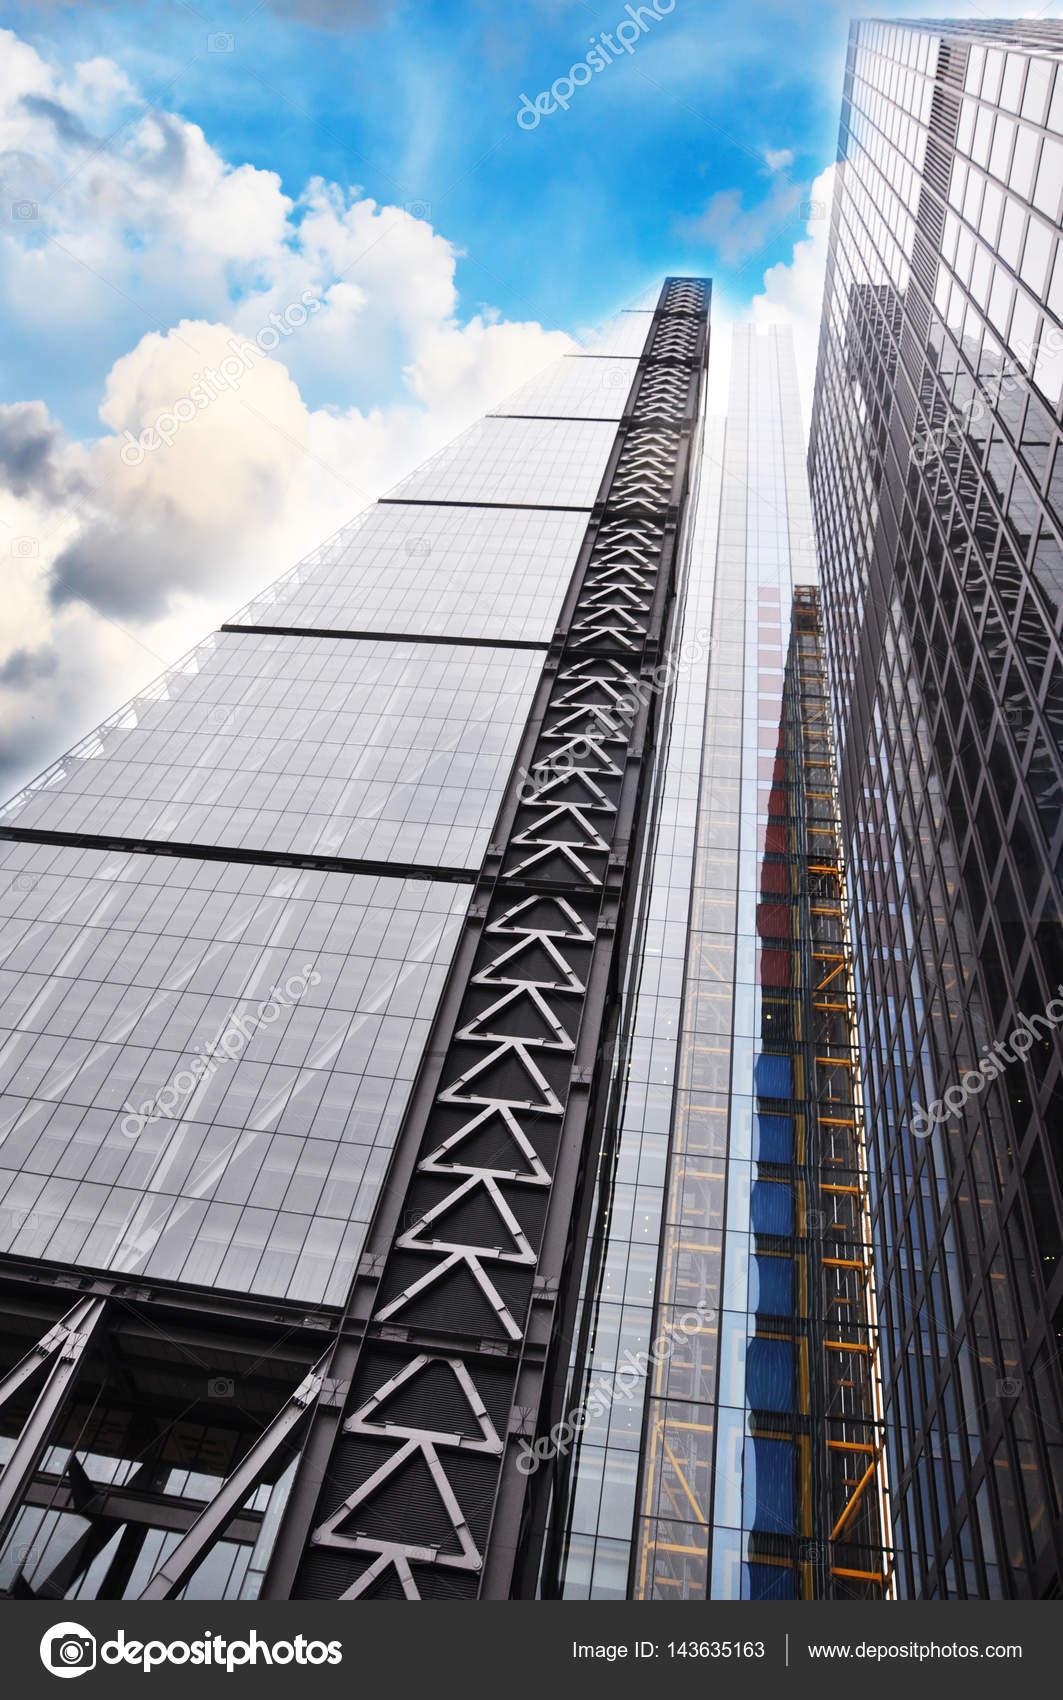 alto rascacielos en manhattan new york con cielo azul y nubes u imagen de stock